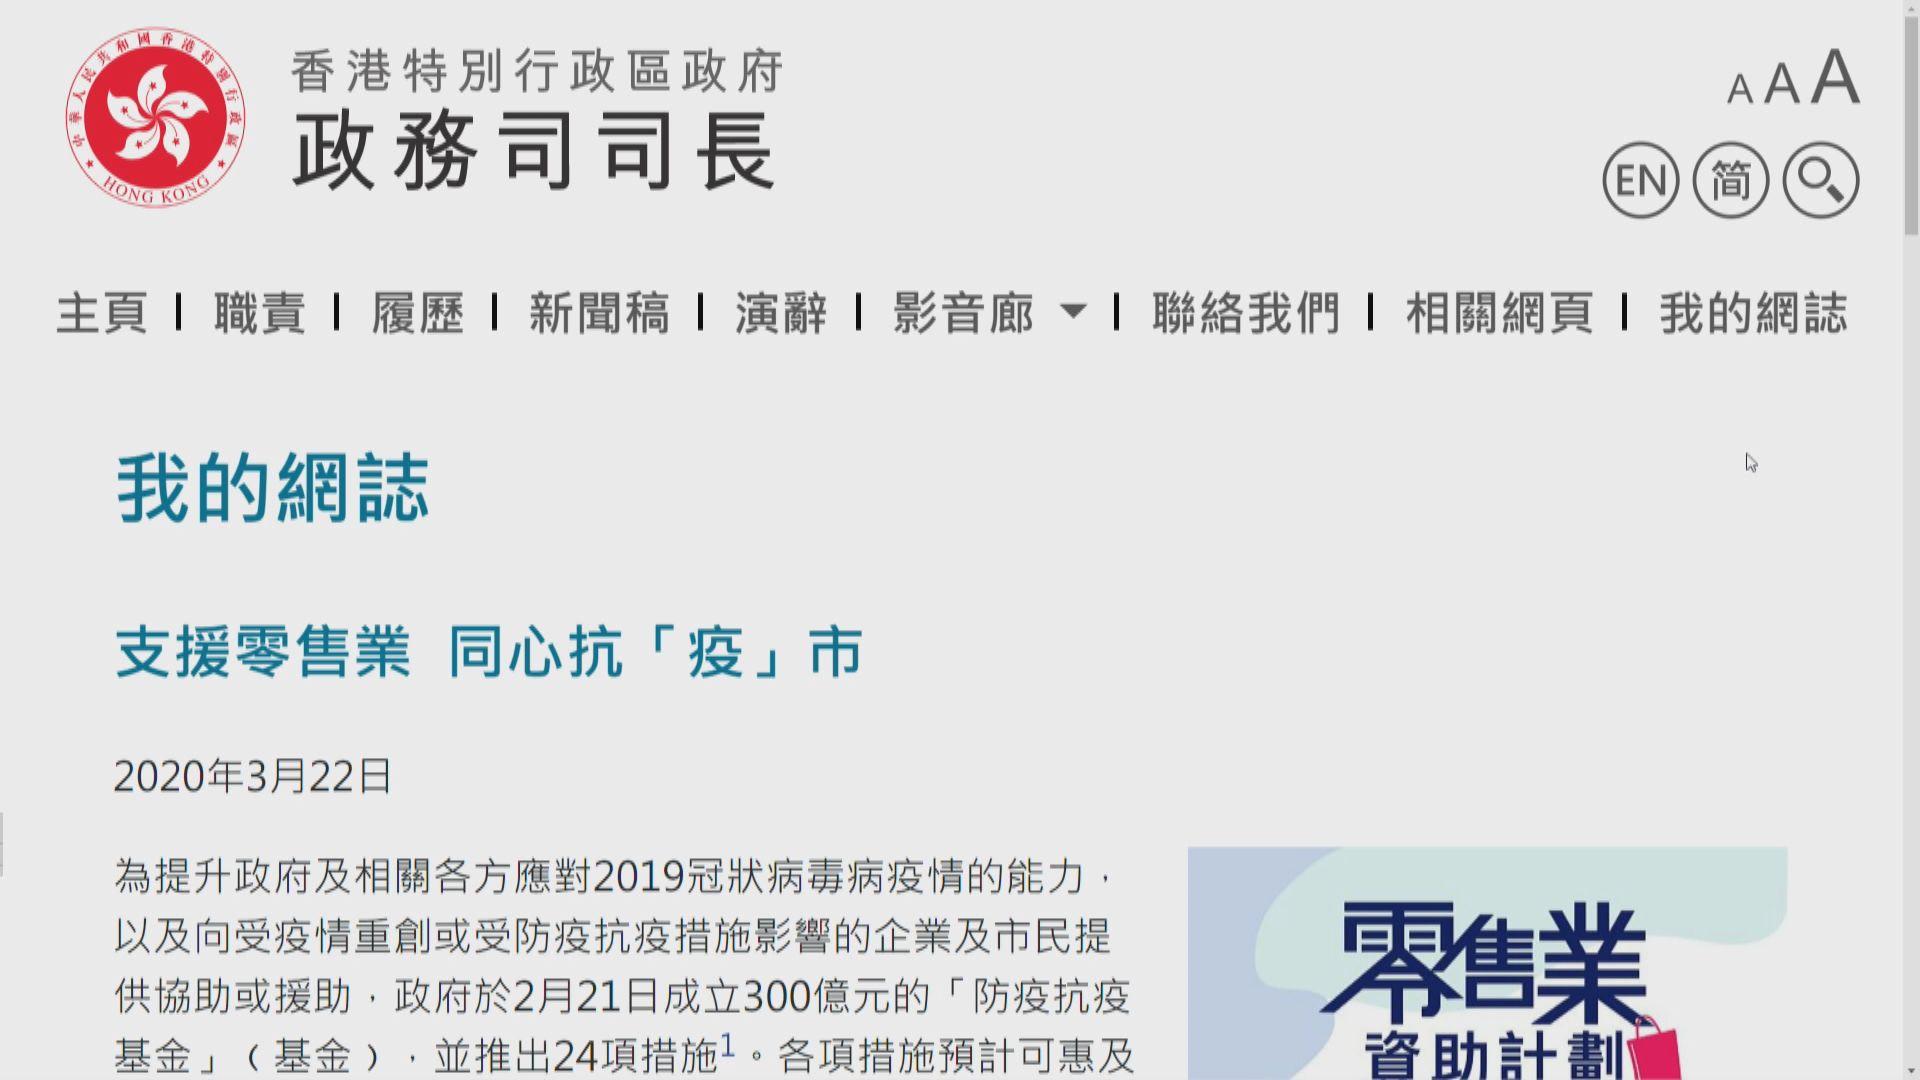 張建宗︰防疫抗疫基金逾20項措施已上馬